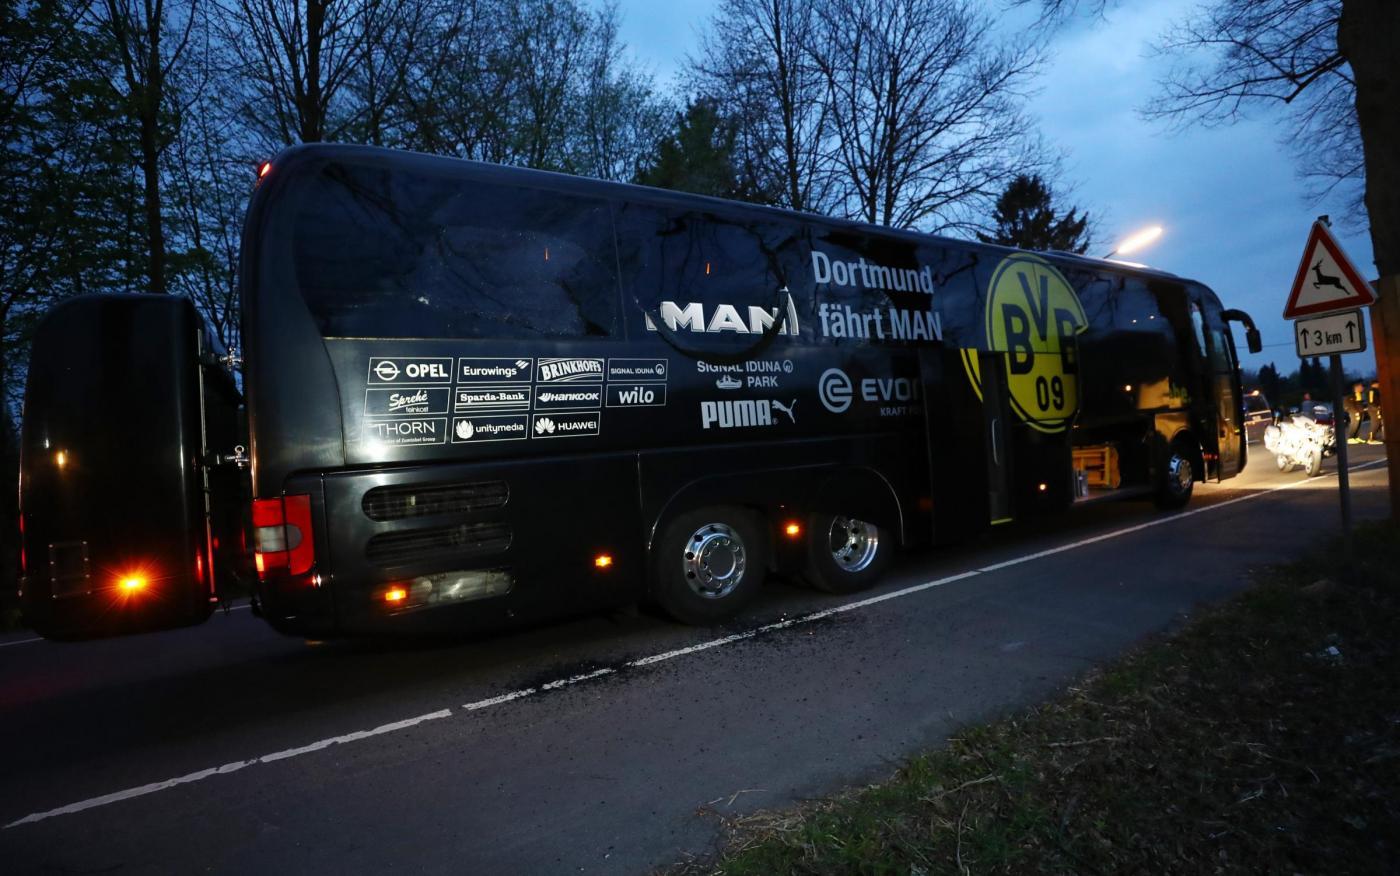 Uefa Champions: Esplode un ordigno vicino al bus del Borussia Dortmund